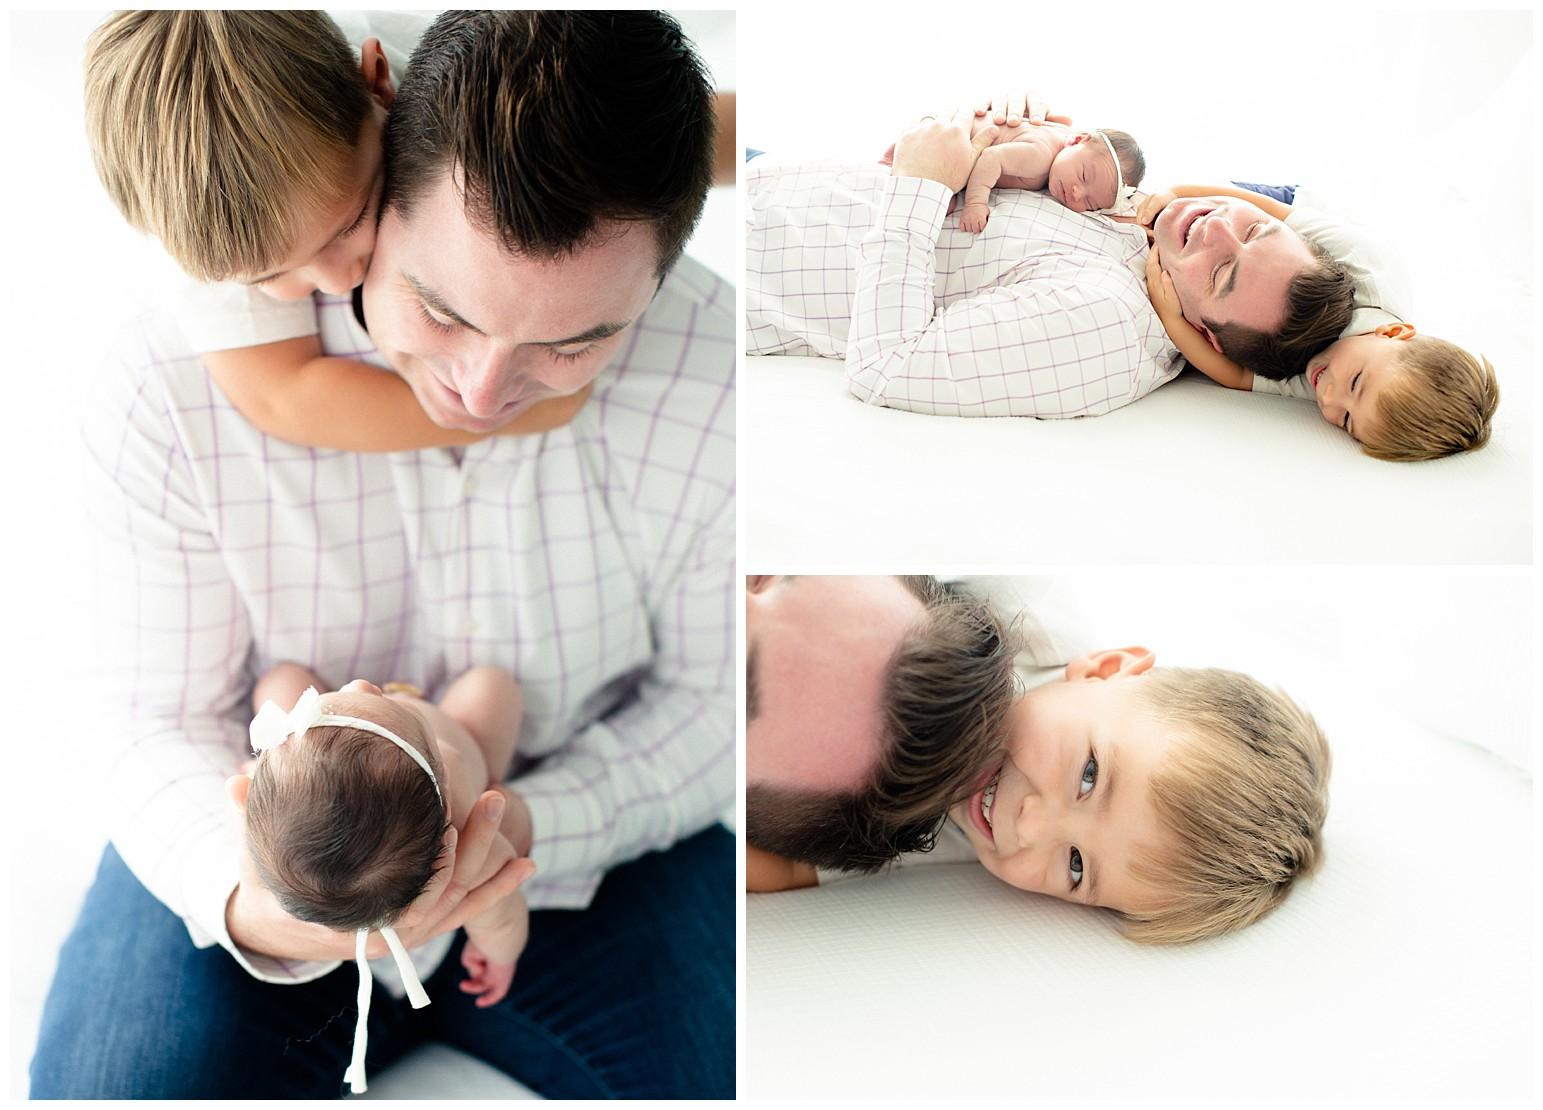 st louis photography_maternity_lauren muckler photography_film_st louis film photographer_0410.jpg